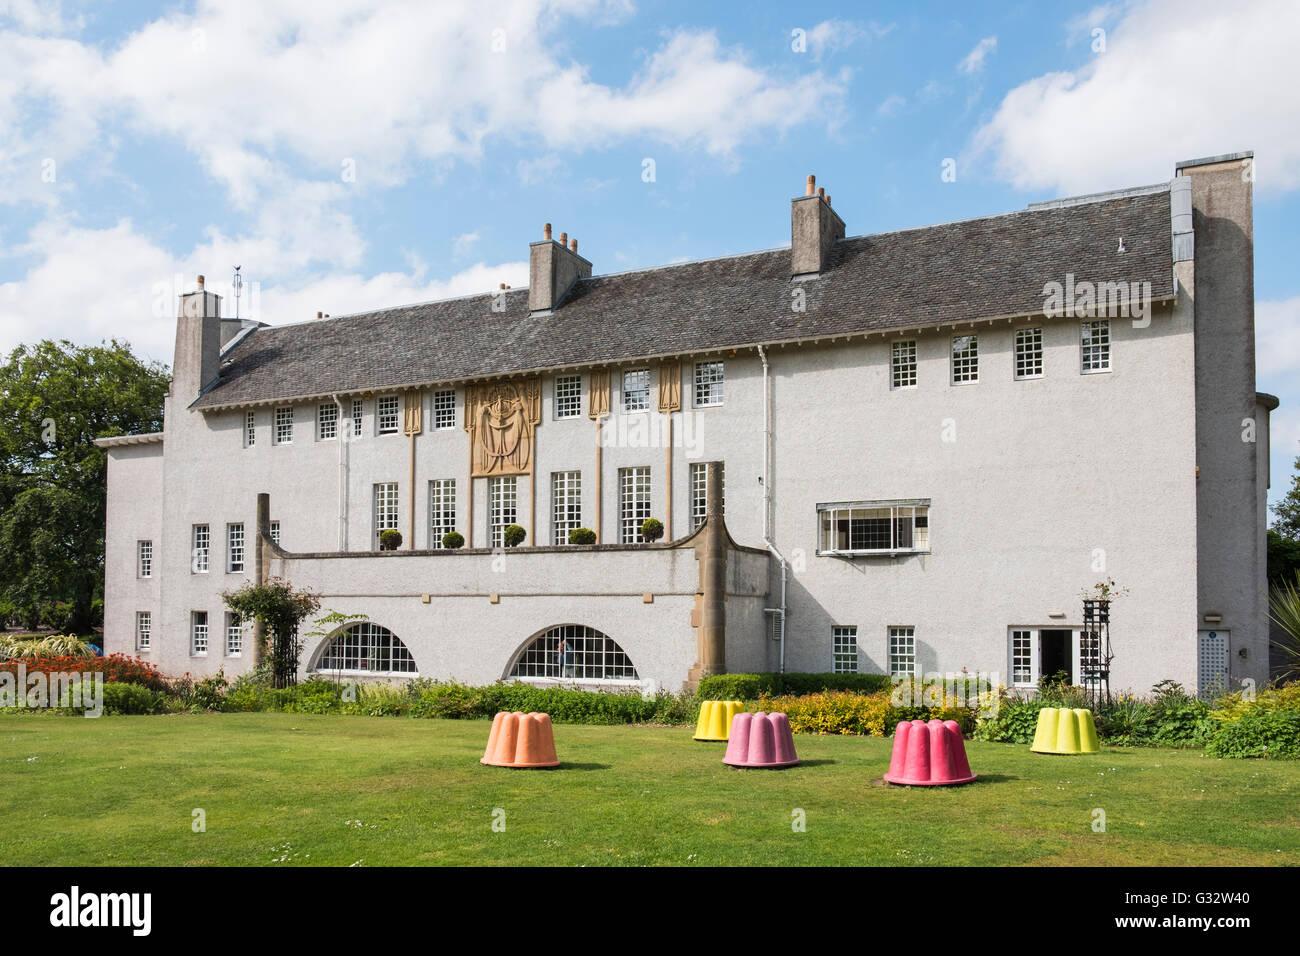 Casa per un amante dell'arte da Charles Rennie Mackintosh nel Bellahouston Park Glasgow , Regno Unito Immagini Stock